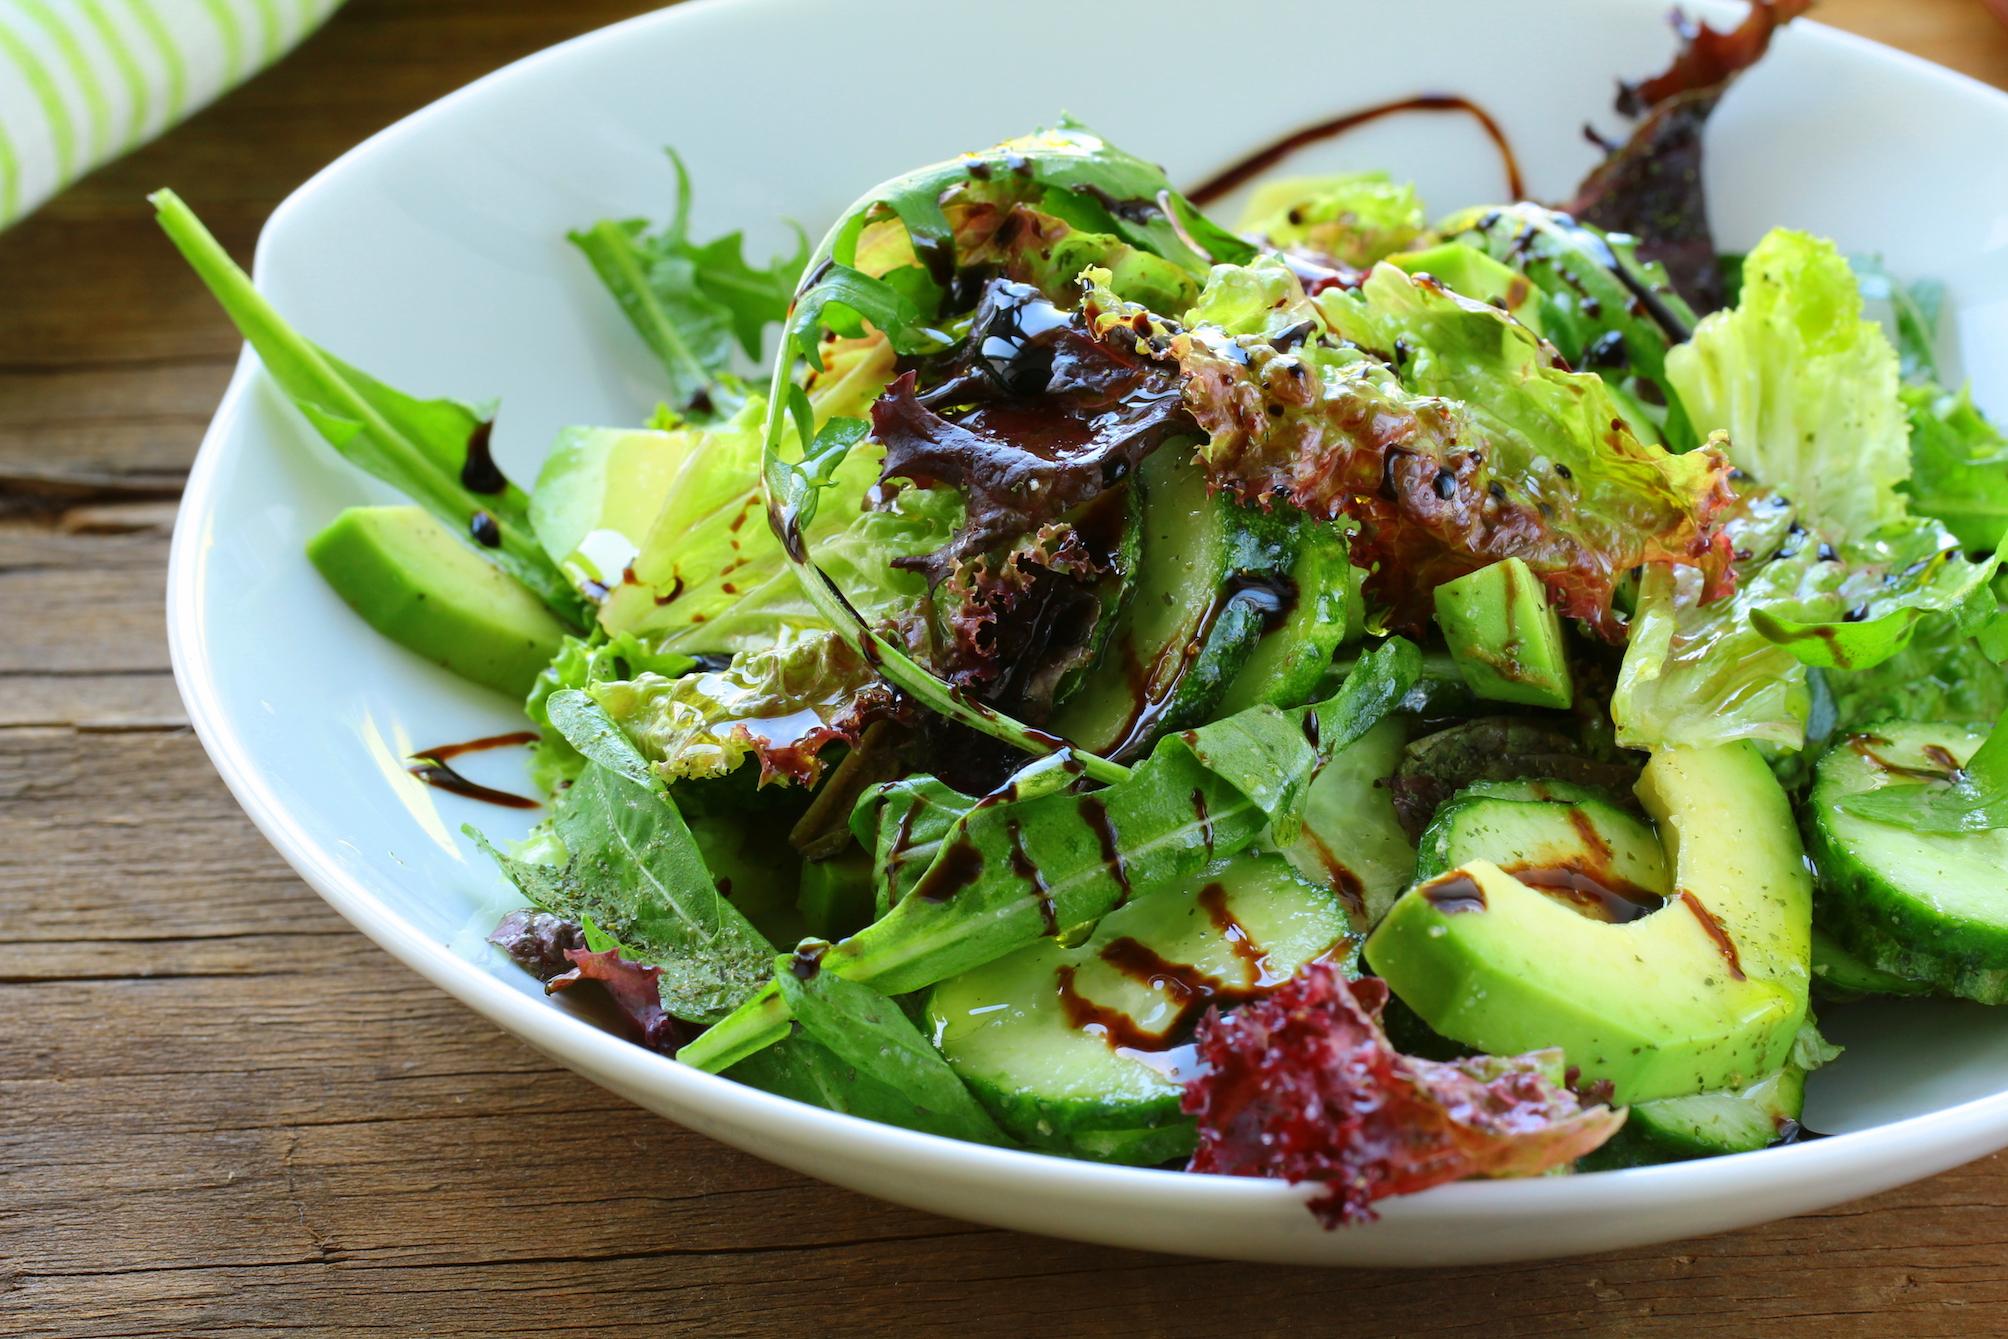 Winterse salade met geroosterde wortel, avocado, sinaasappel, quinoa